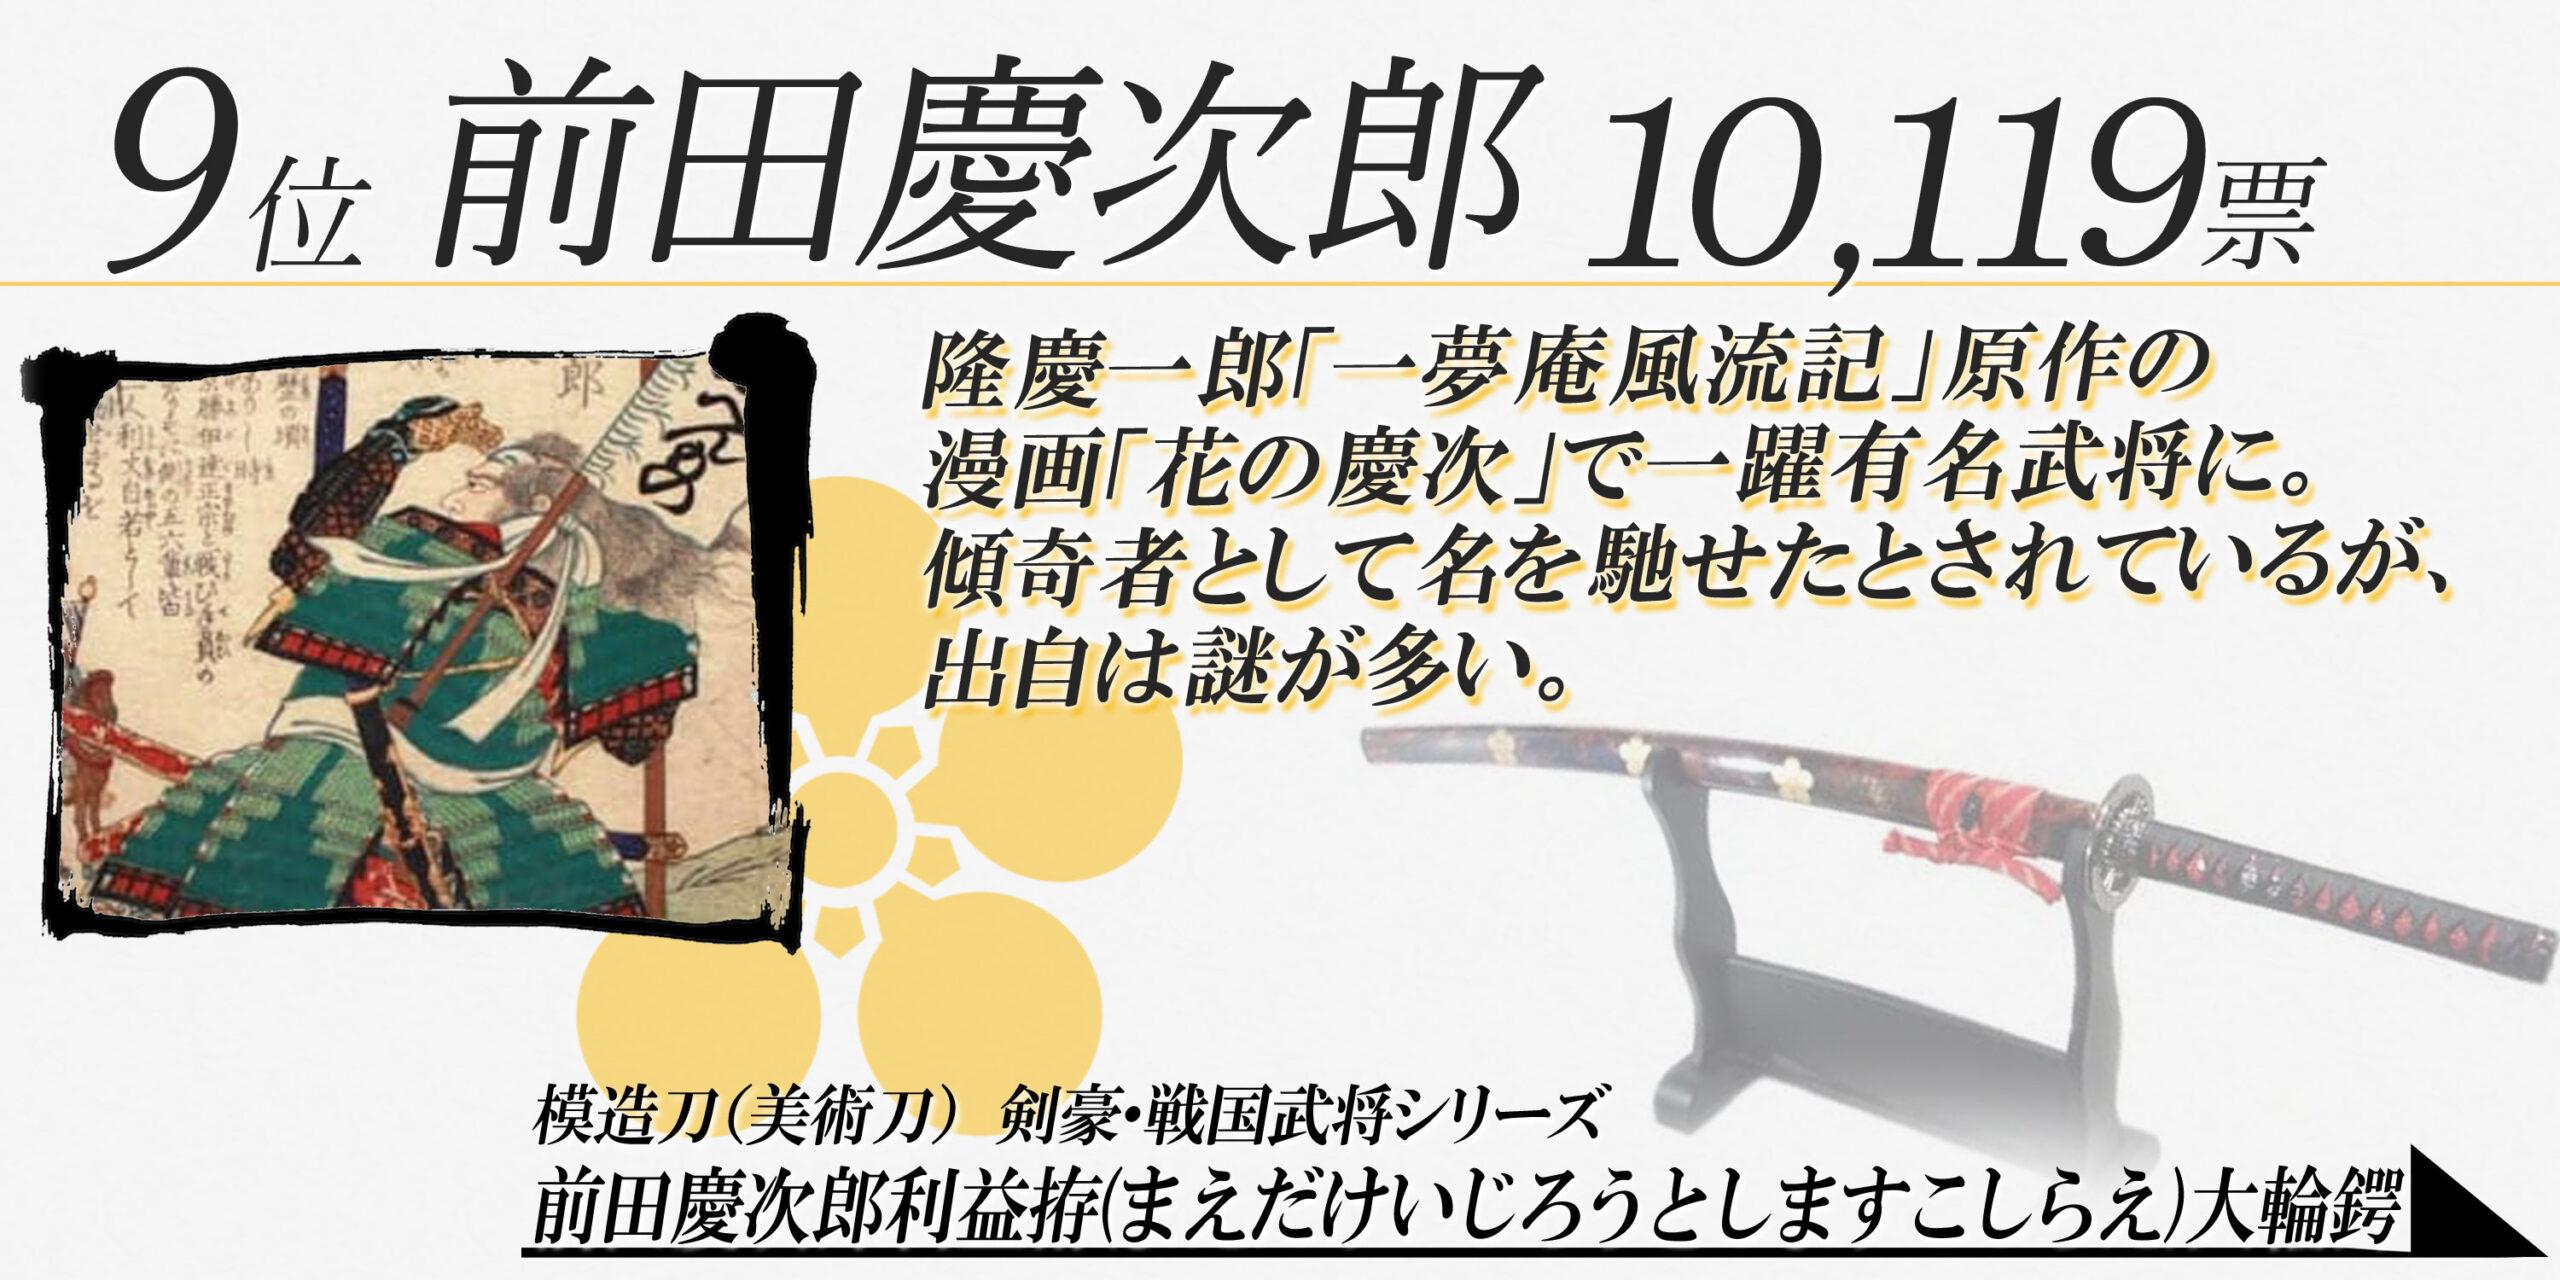 9位 前田慶次郎